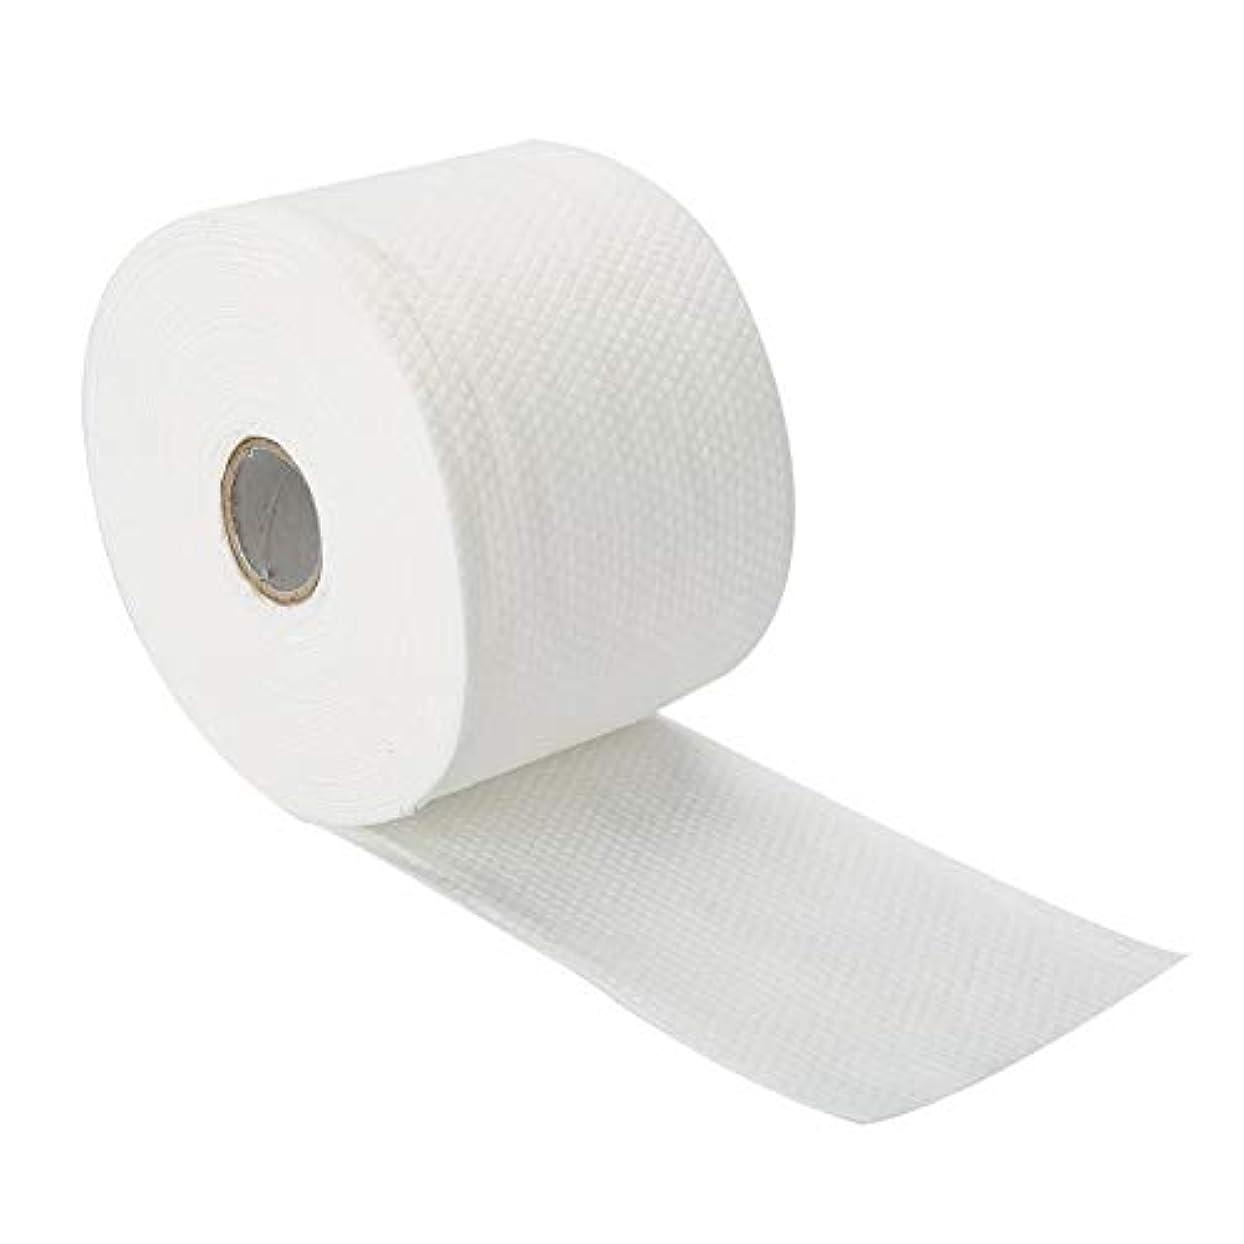 謎めいた送金アサー構造の使い捨て可能 表面 タオル 柔らかい Nonwoven クリーニングの化粧品の綿パッド25m